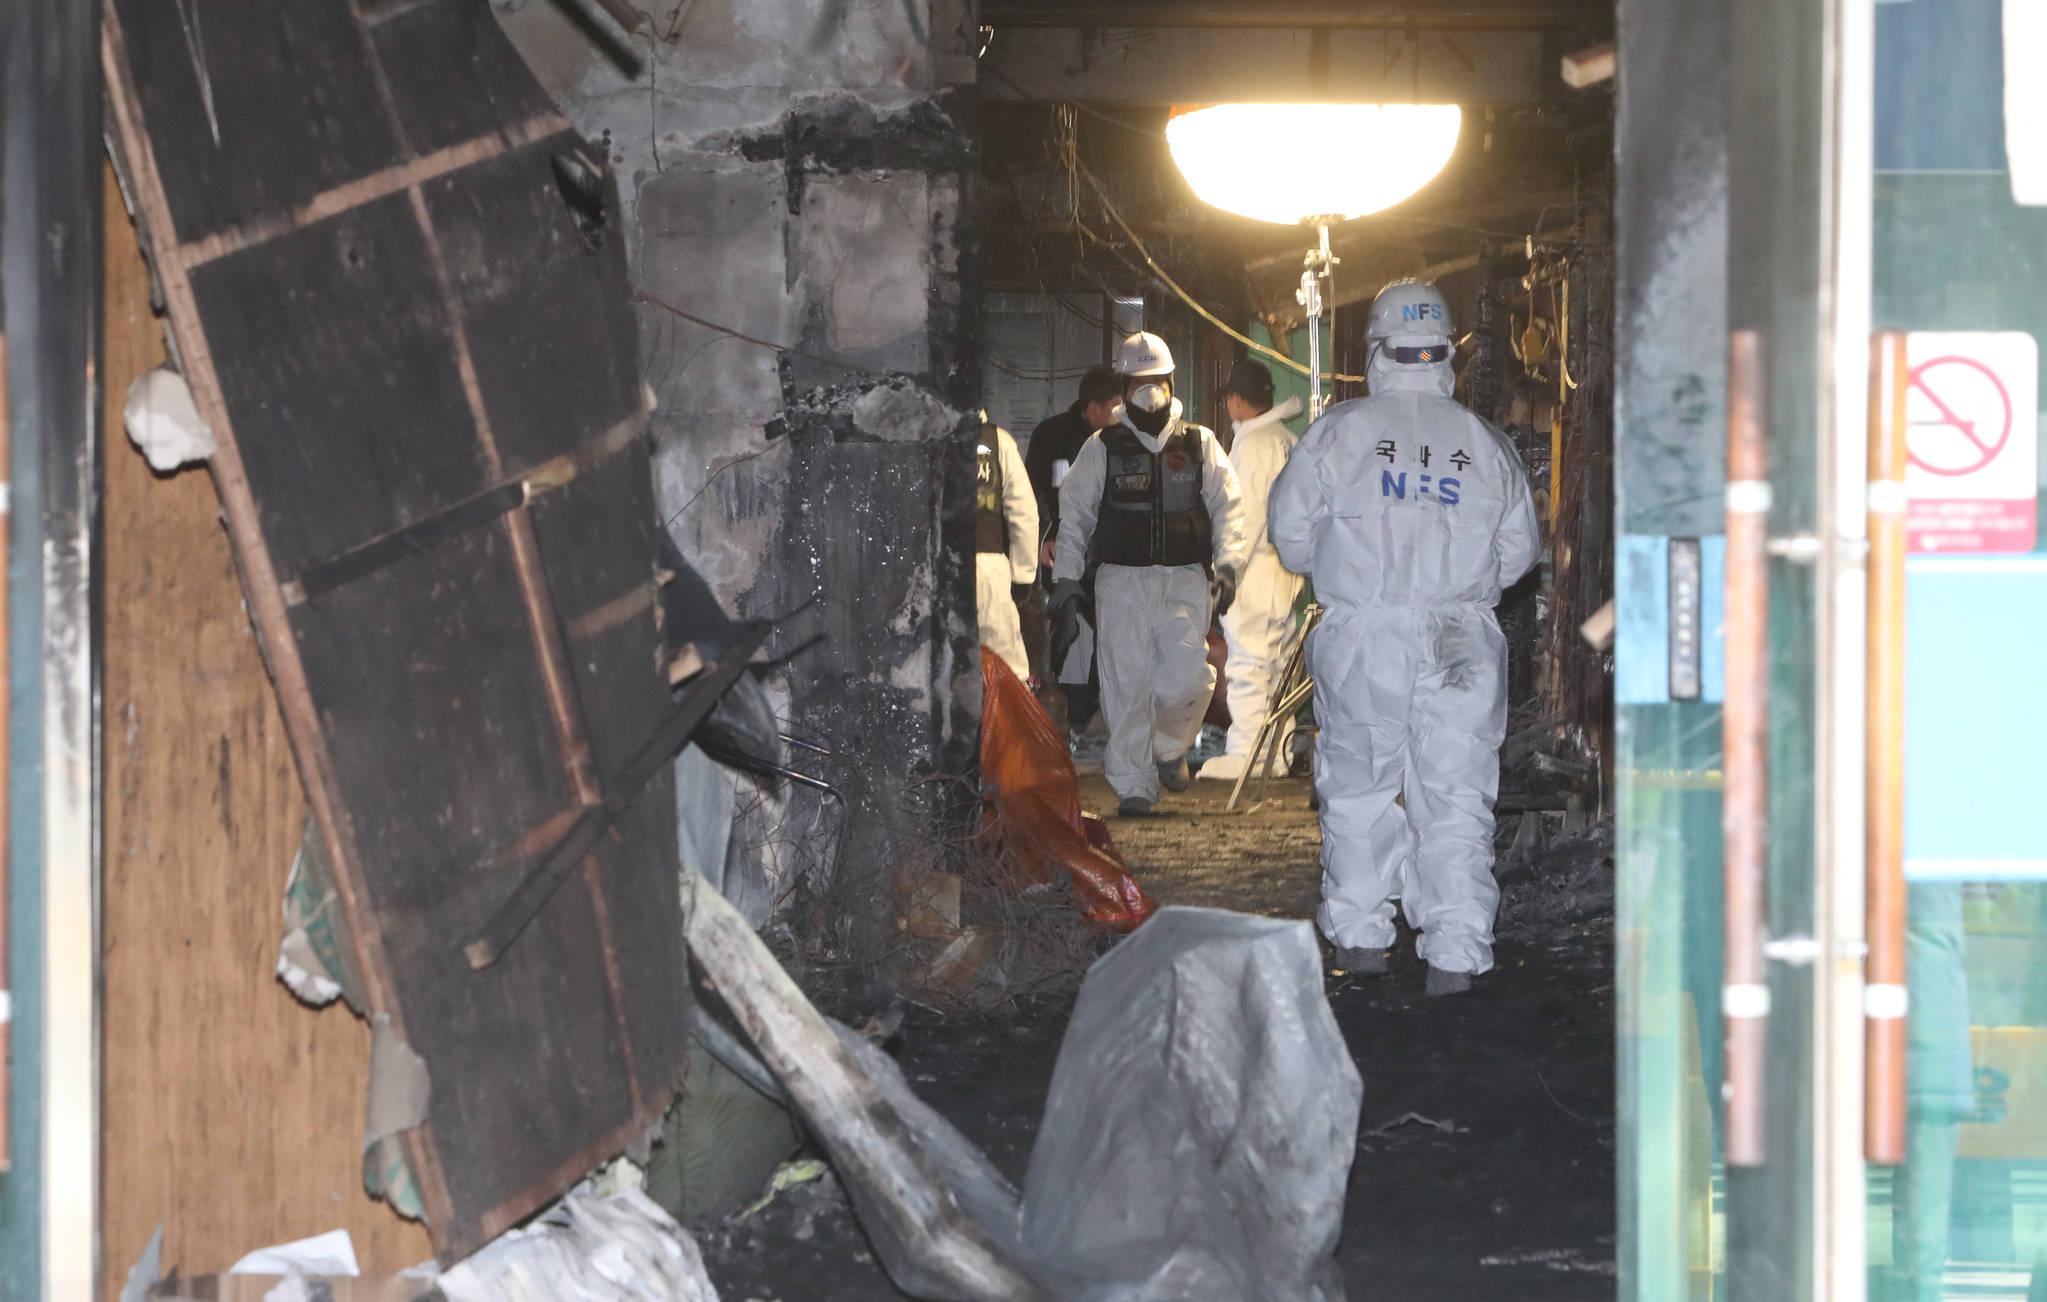 38명의 목숨을 앗아간 경남 밀양 세종병원 화재 발생 사흘째인 28일 경찰이 3차 합동 감식을 진행하고 있다. 송봉근 기자